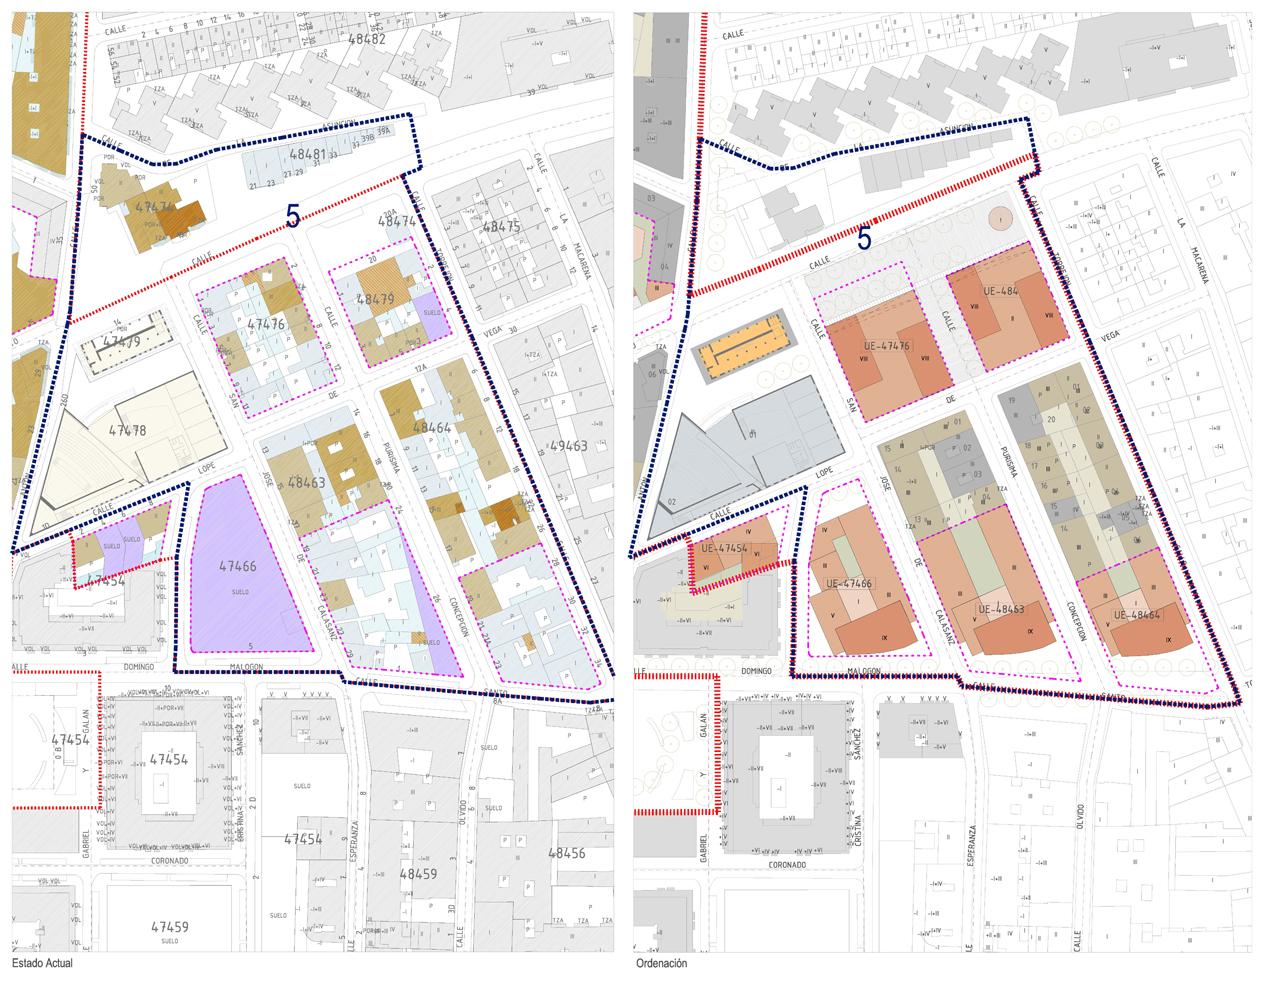 Plan especial de rehabilitación urbana. Arquitecto: Francisco Pol.